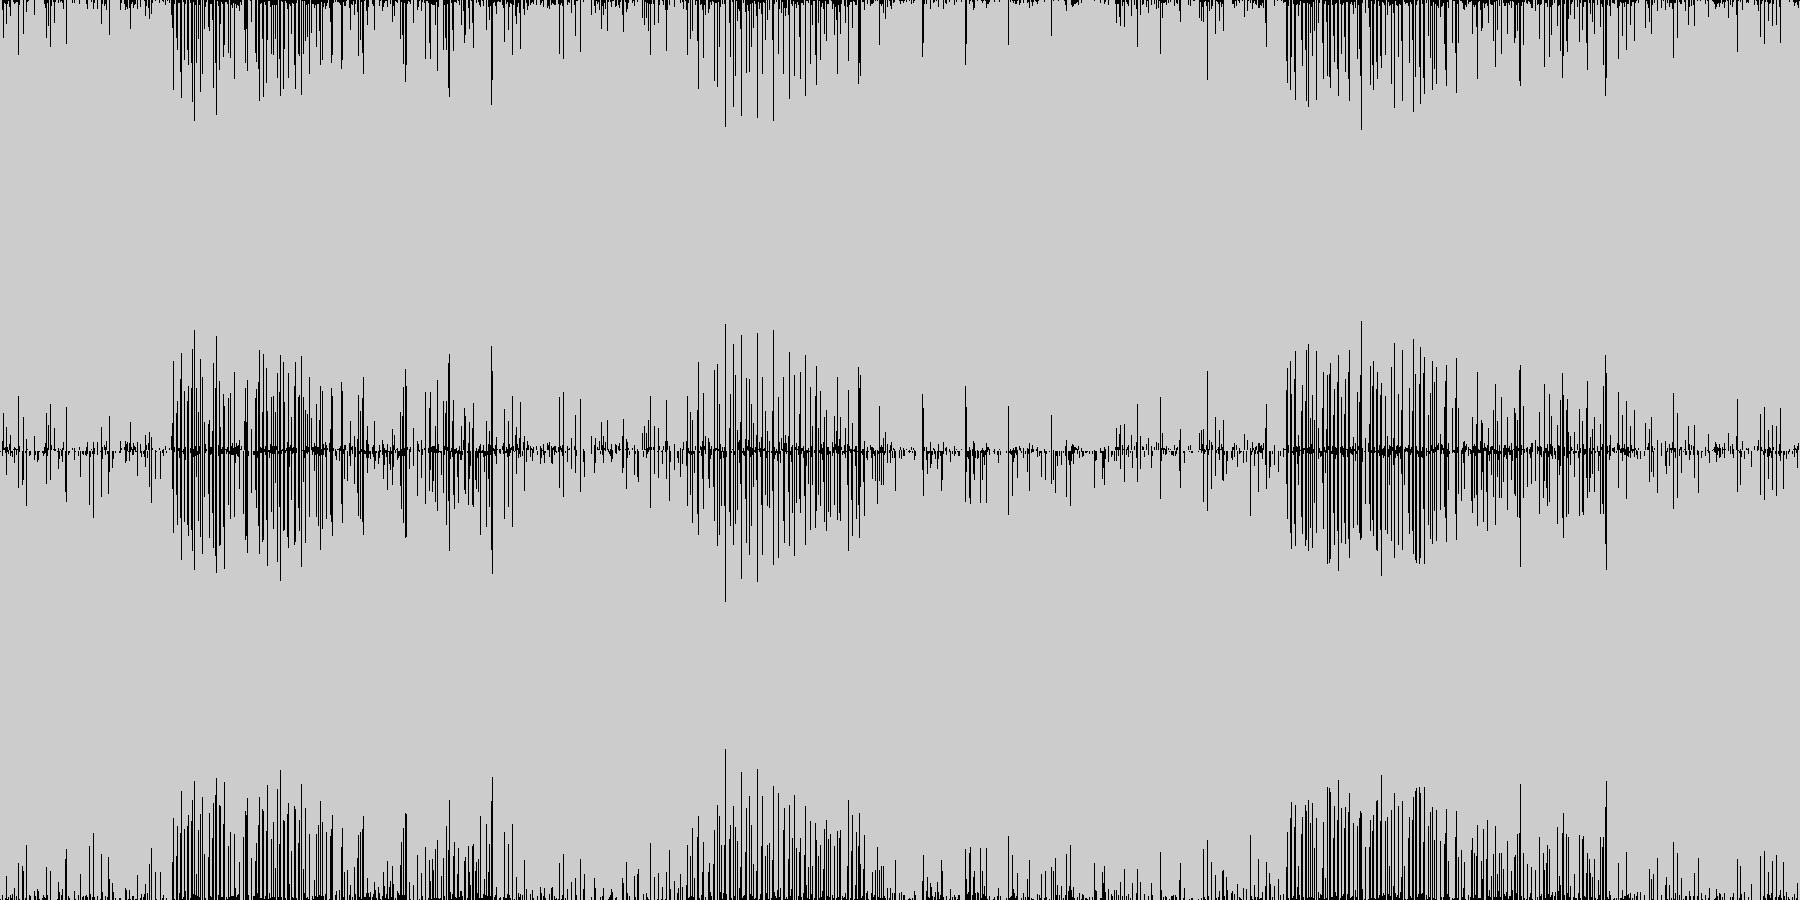 ファンタジーRPGのバトルをイメージし…の未再生の波形